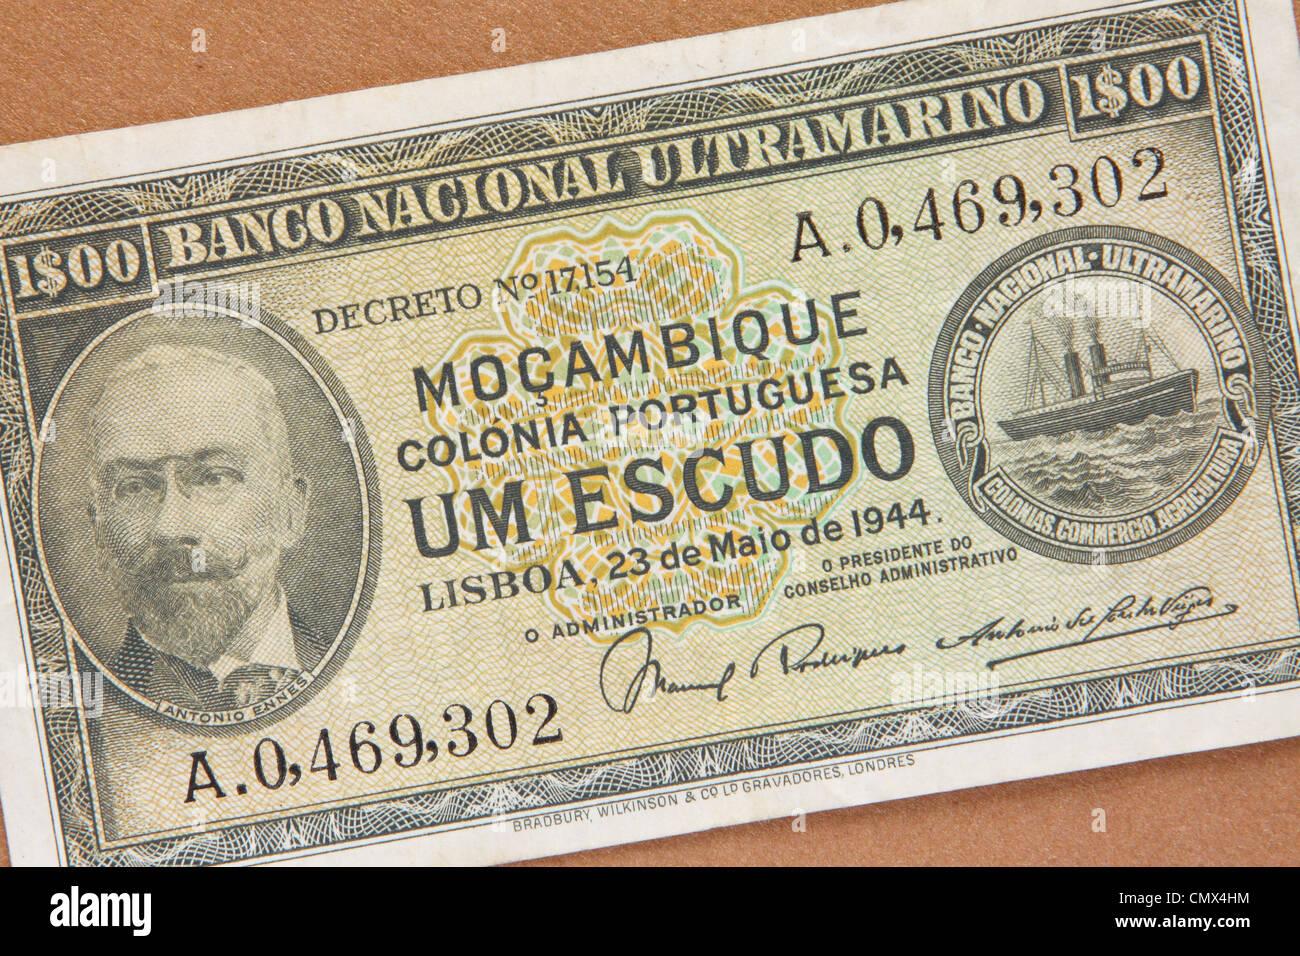 Mozambique - Banco nota de la ex colonia portuguesa de Mozambique Moçambique fecha 1944 emitida en Lisboa Imagen De Stock